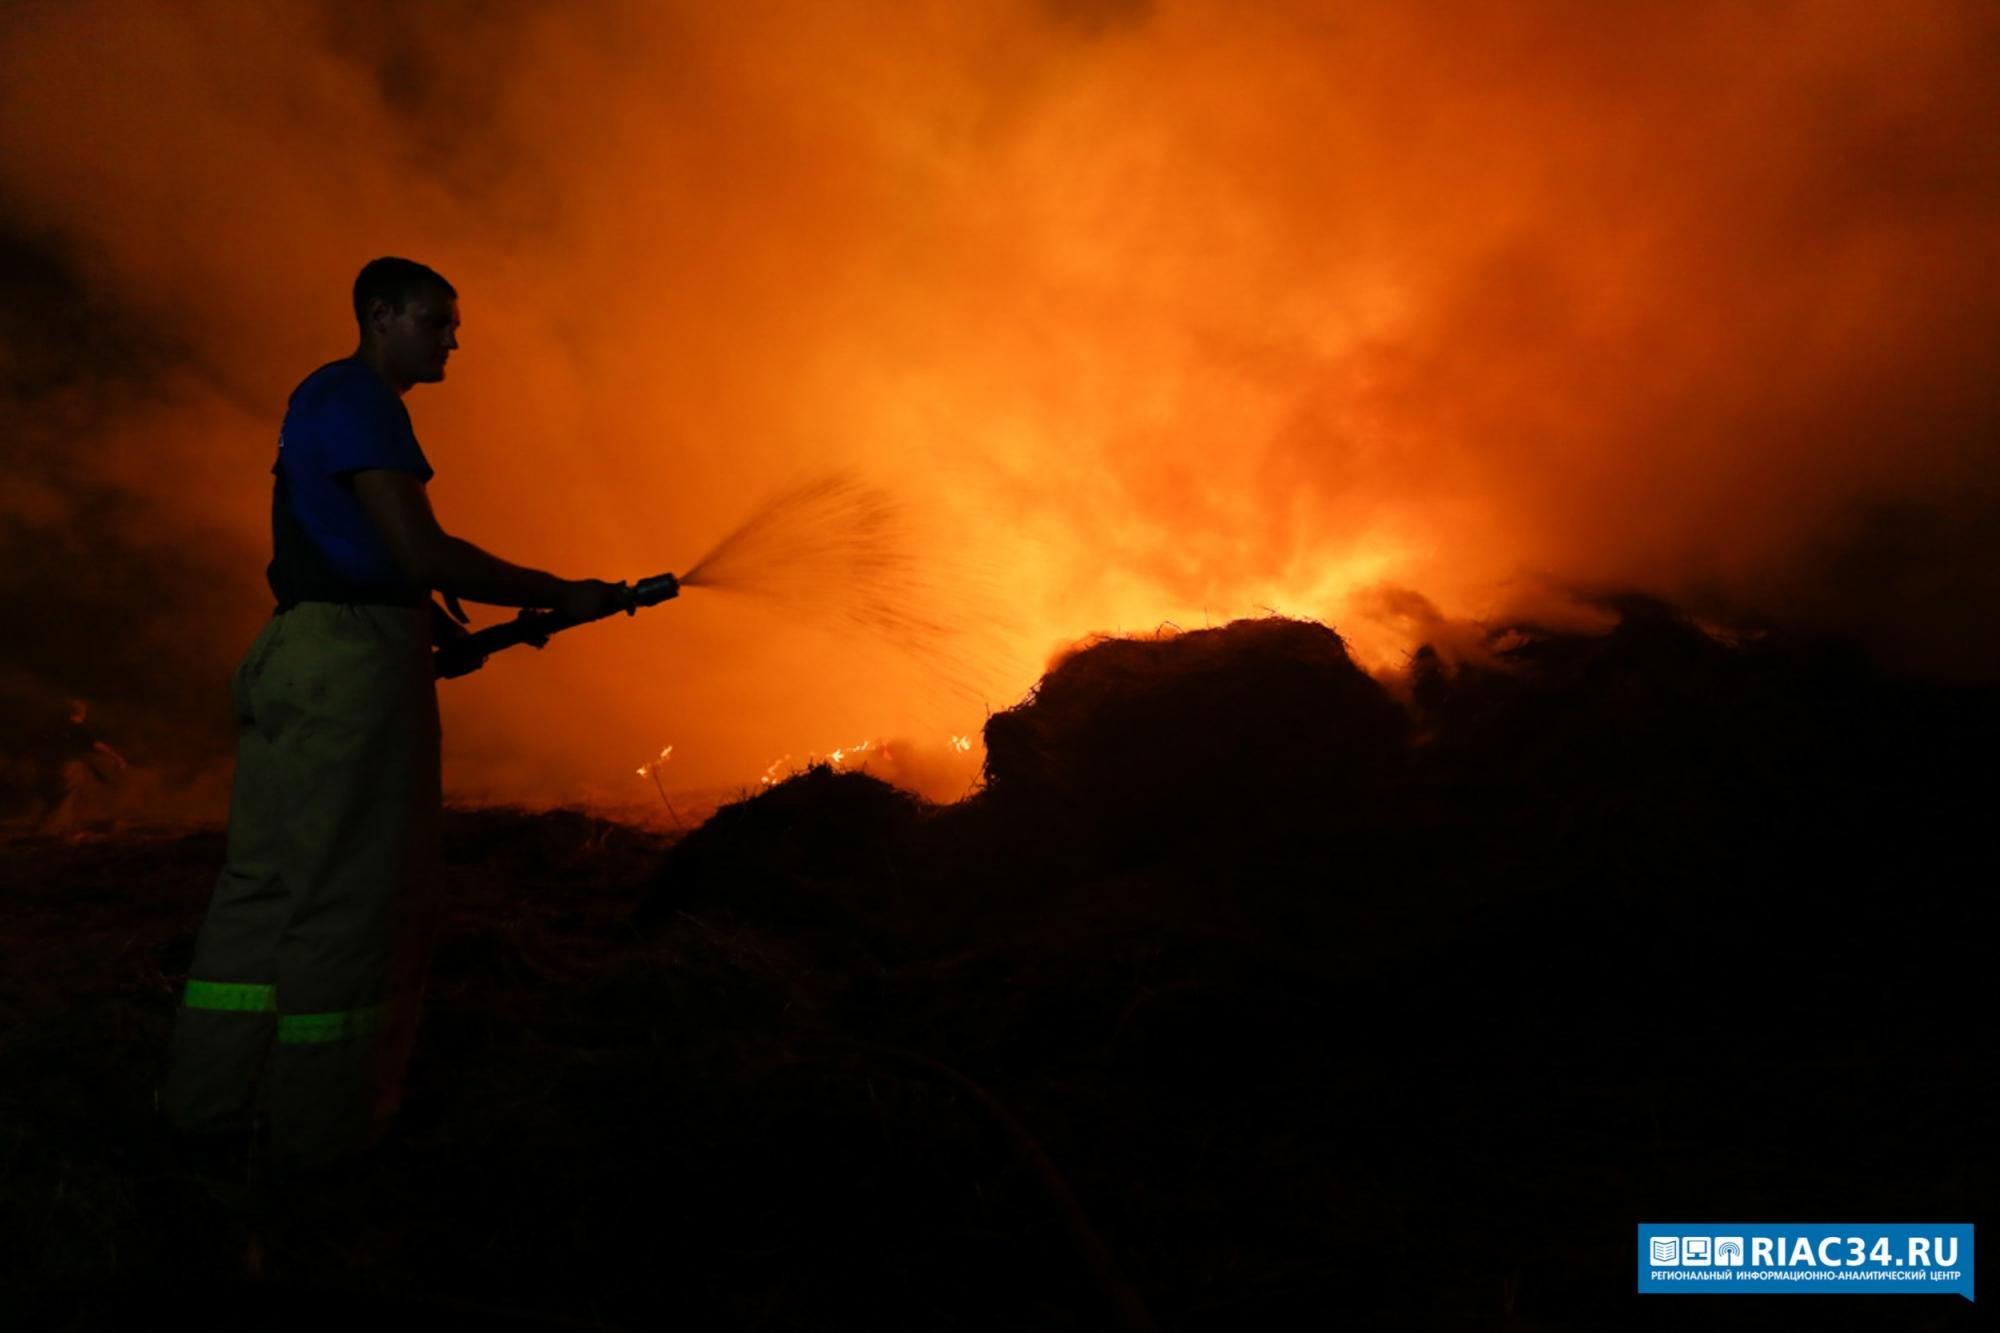 При пожаре под Волгоградом сгорел 79-летний мужчина